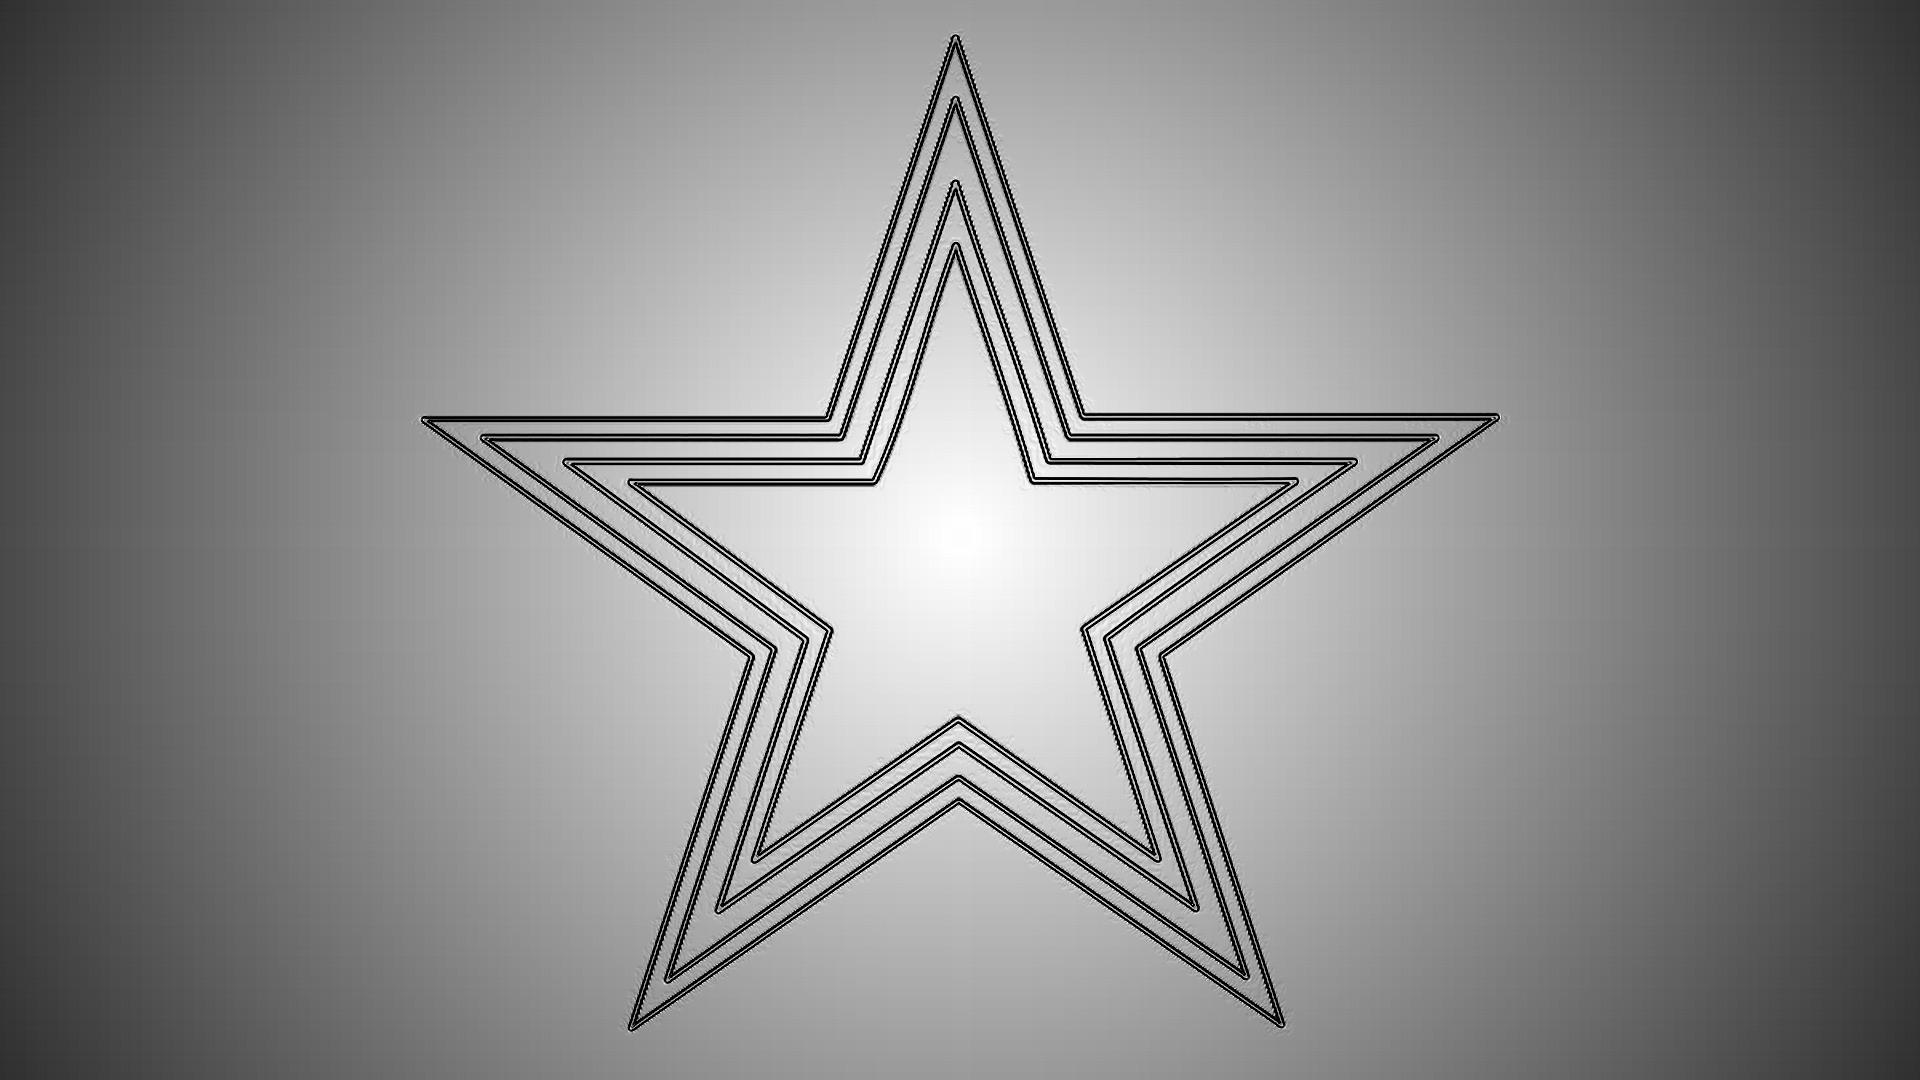 Best Dallas Cowboys Wallpaper Images Wallpapers of Dallas | HD Wallpapers |  Pinterest | Dallas cowboys wallpaper and Wallpaper